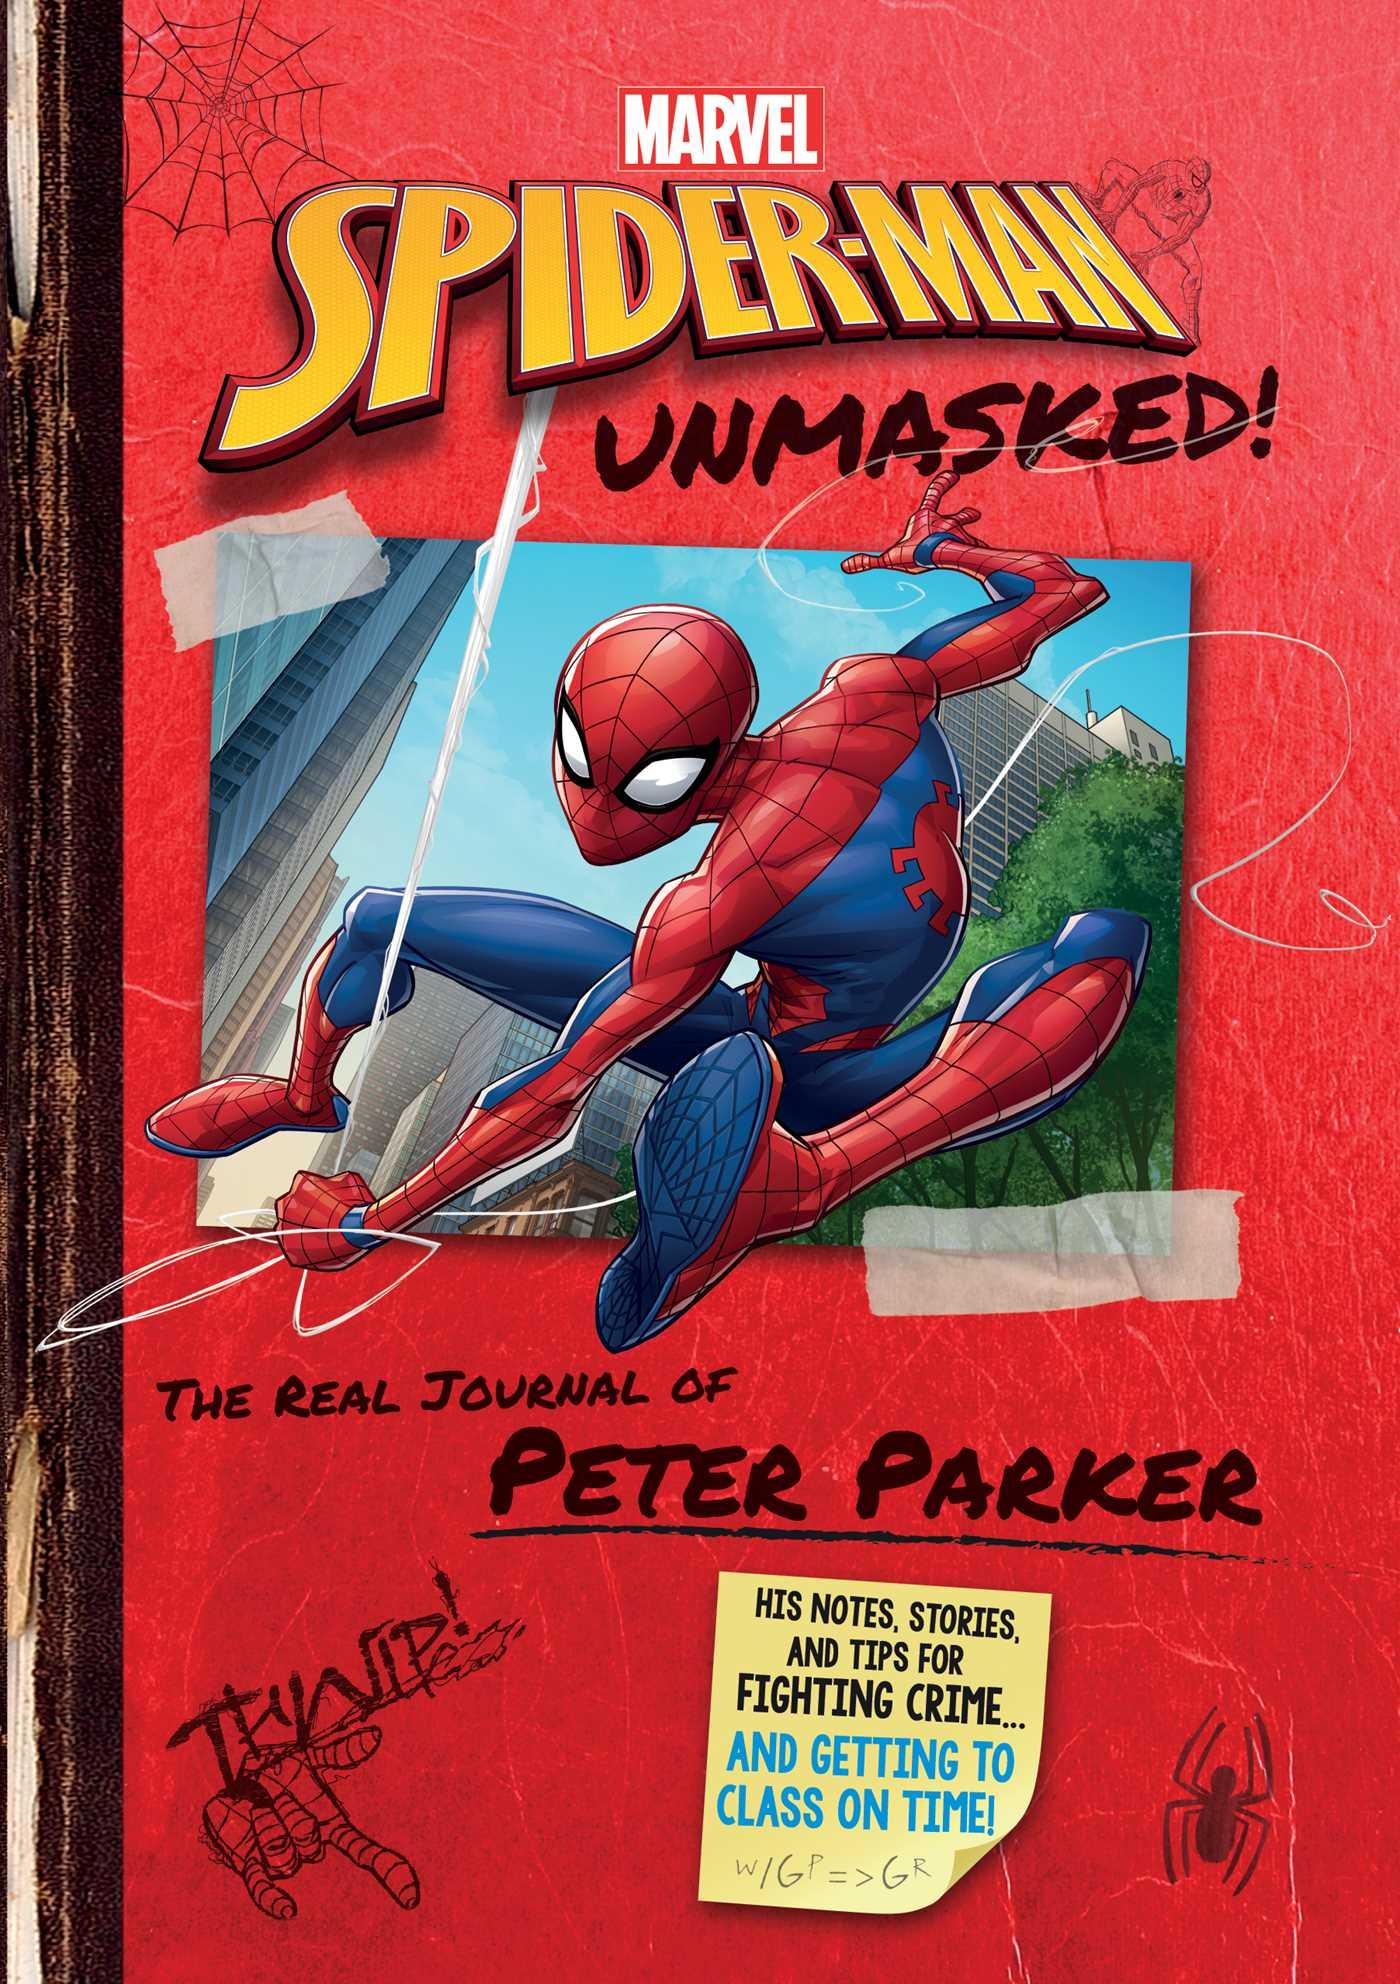 Book Cover Image Jpg Marvel Spider Man Unmasked